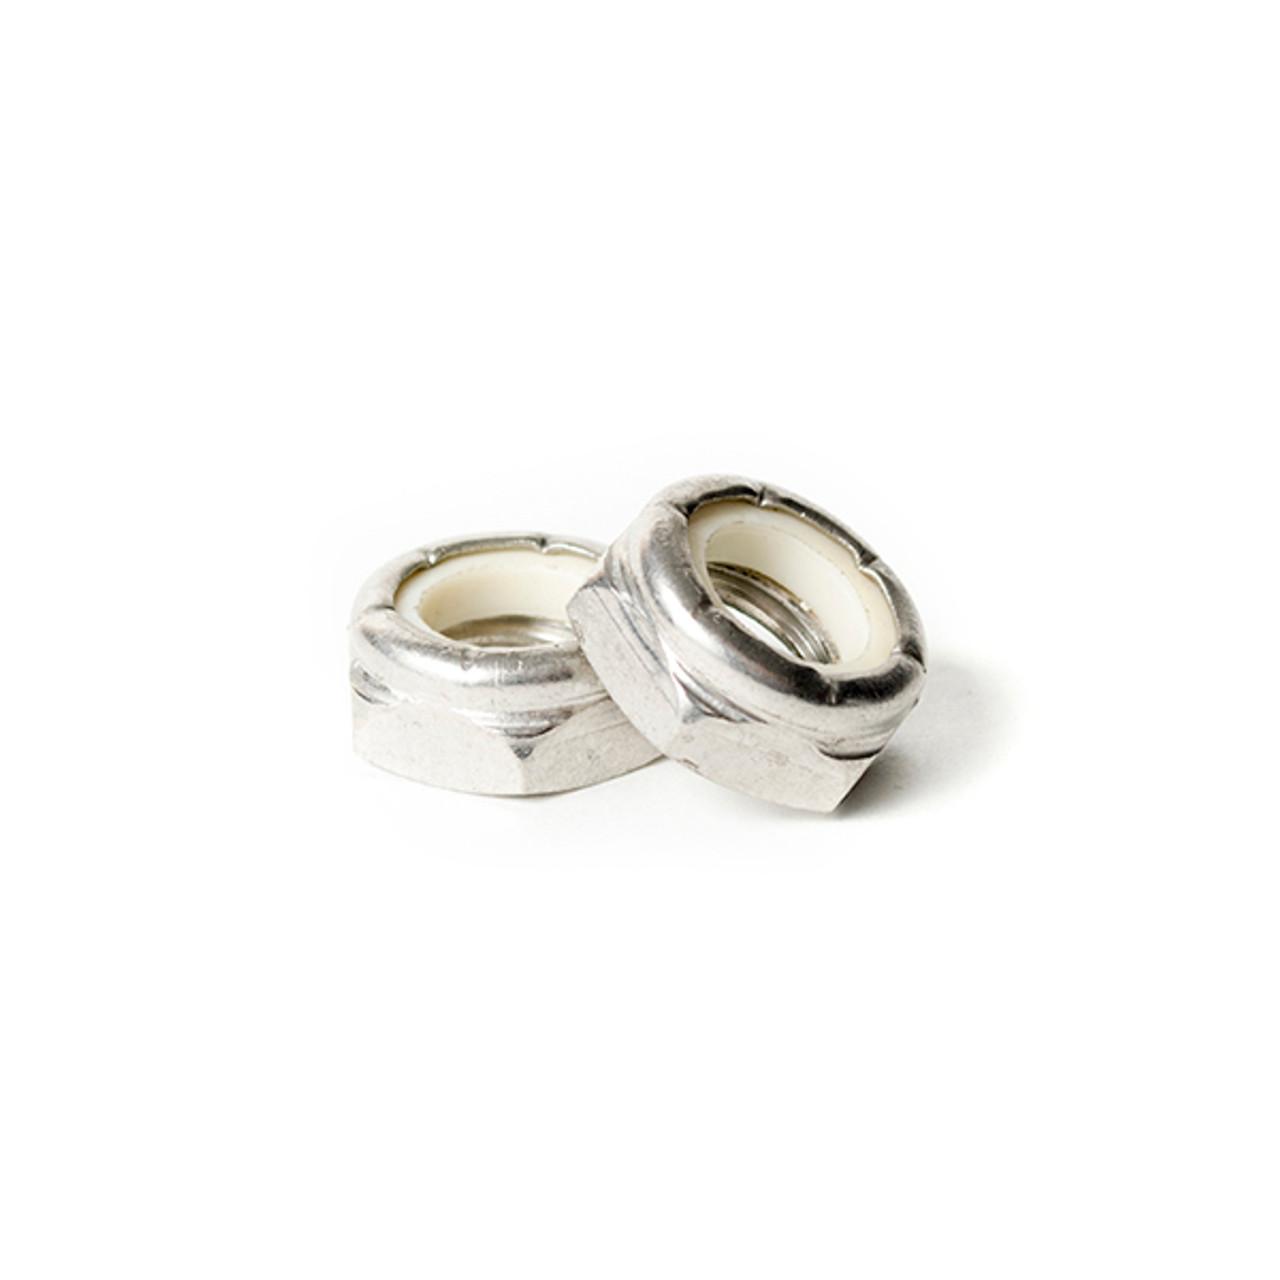 5/16-24 Thin Nylon Insert Lock Nut 18-8 Stainless Steel